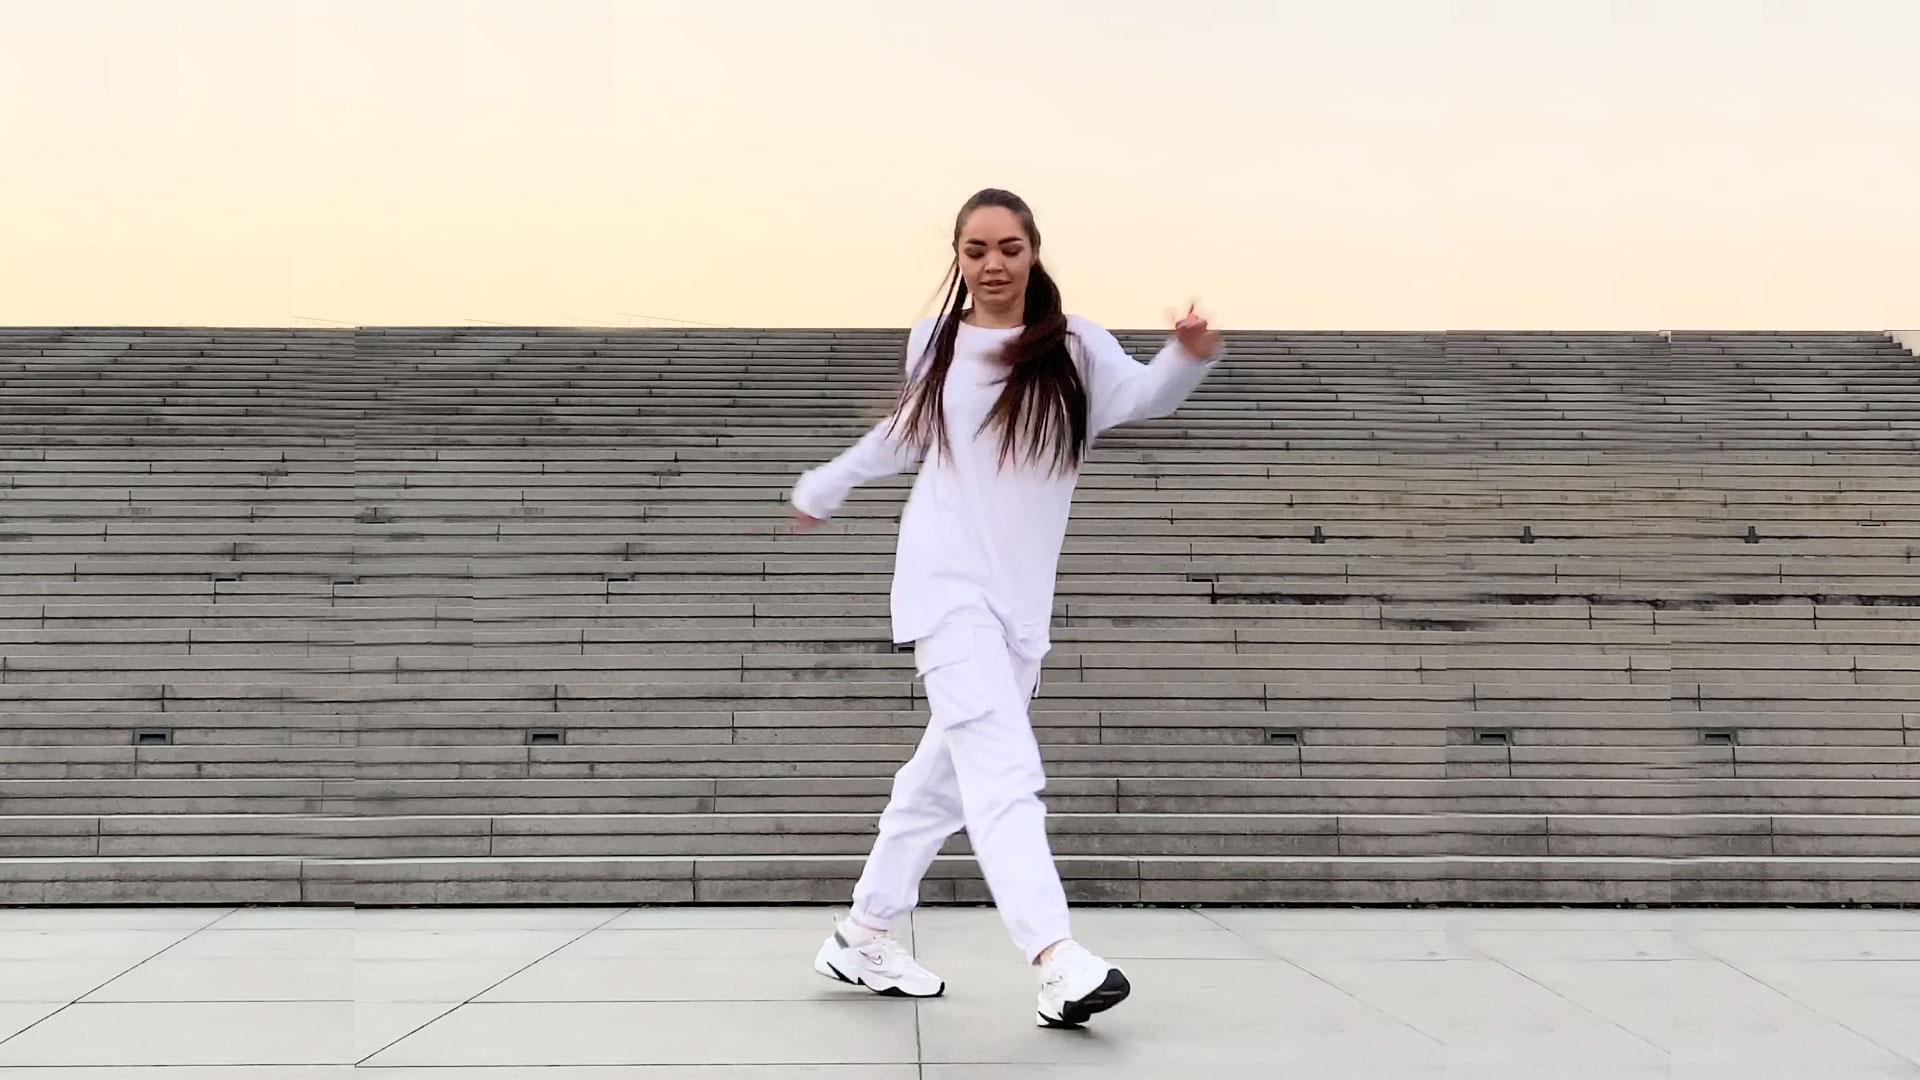 Танцоры для съемок в клипах и рекламе - Хореография - Танцевальная массовка